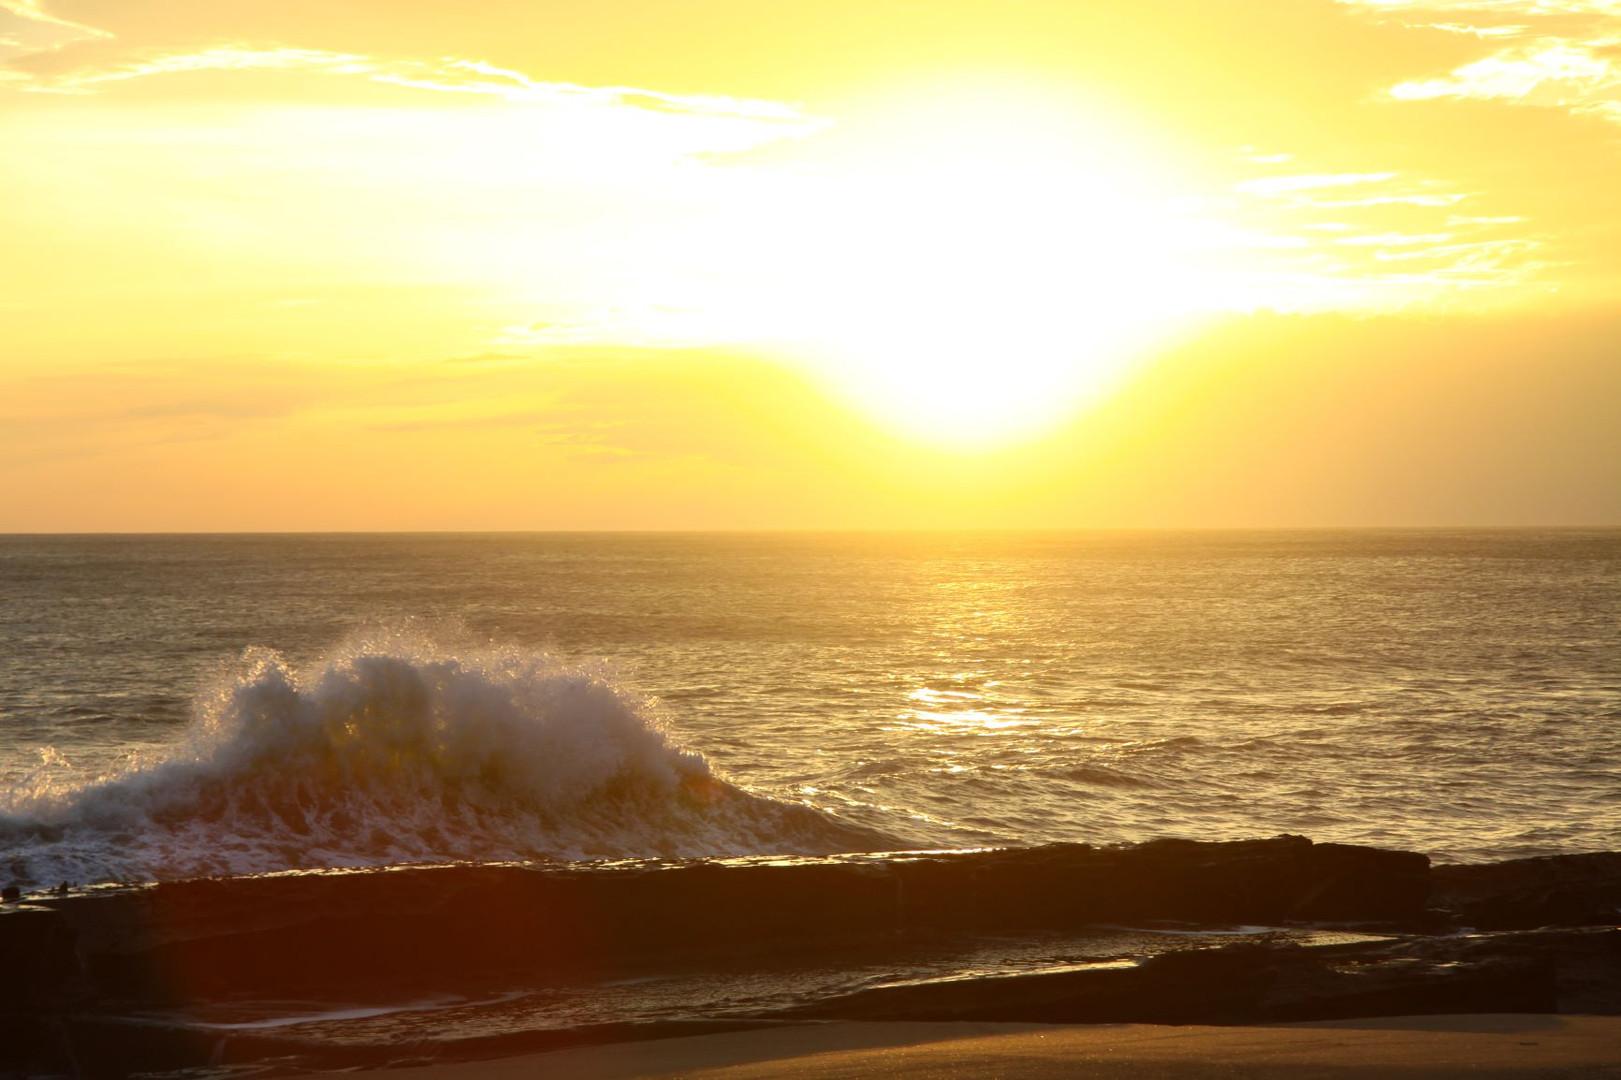 #012 solnedgång över stilla havet, casares, nicaragua